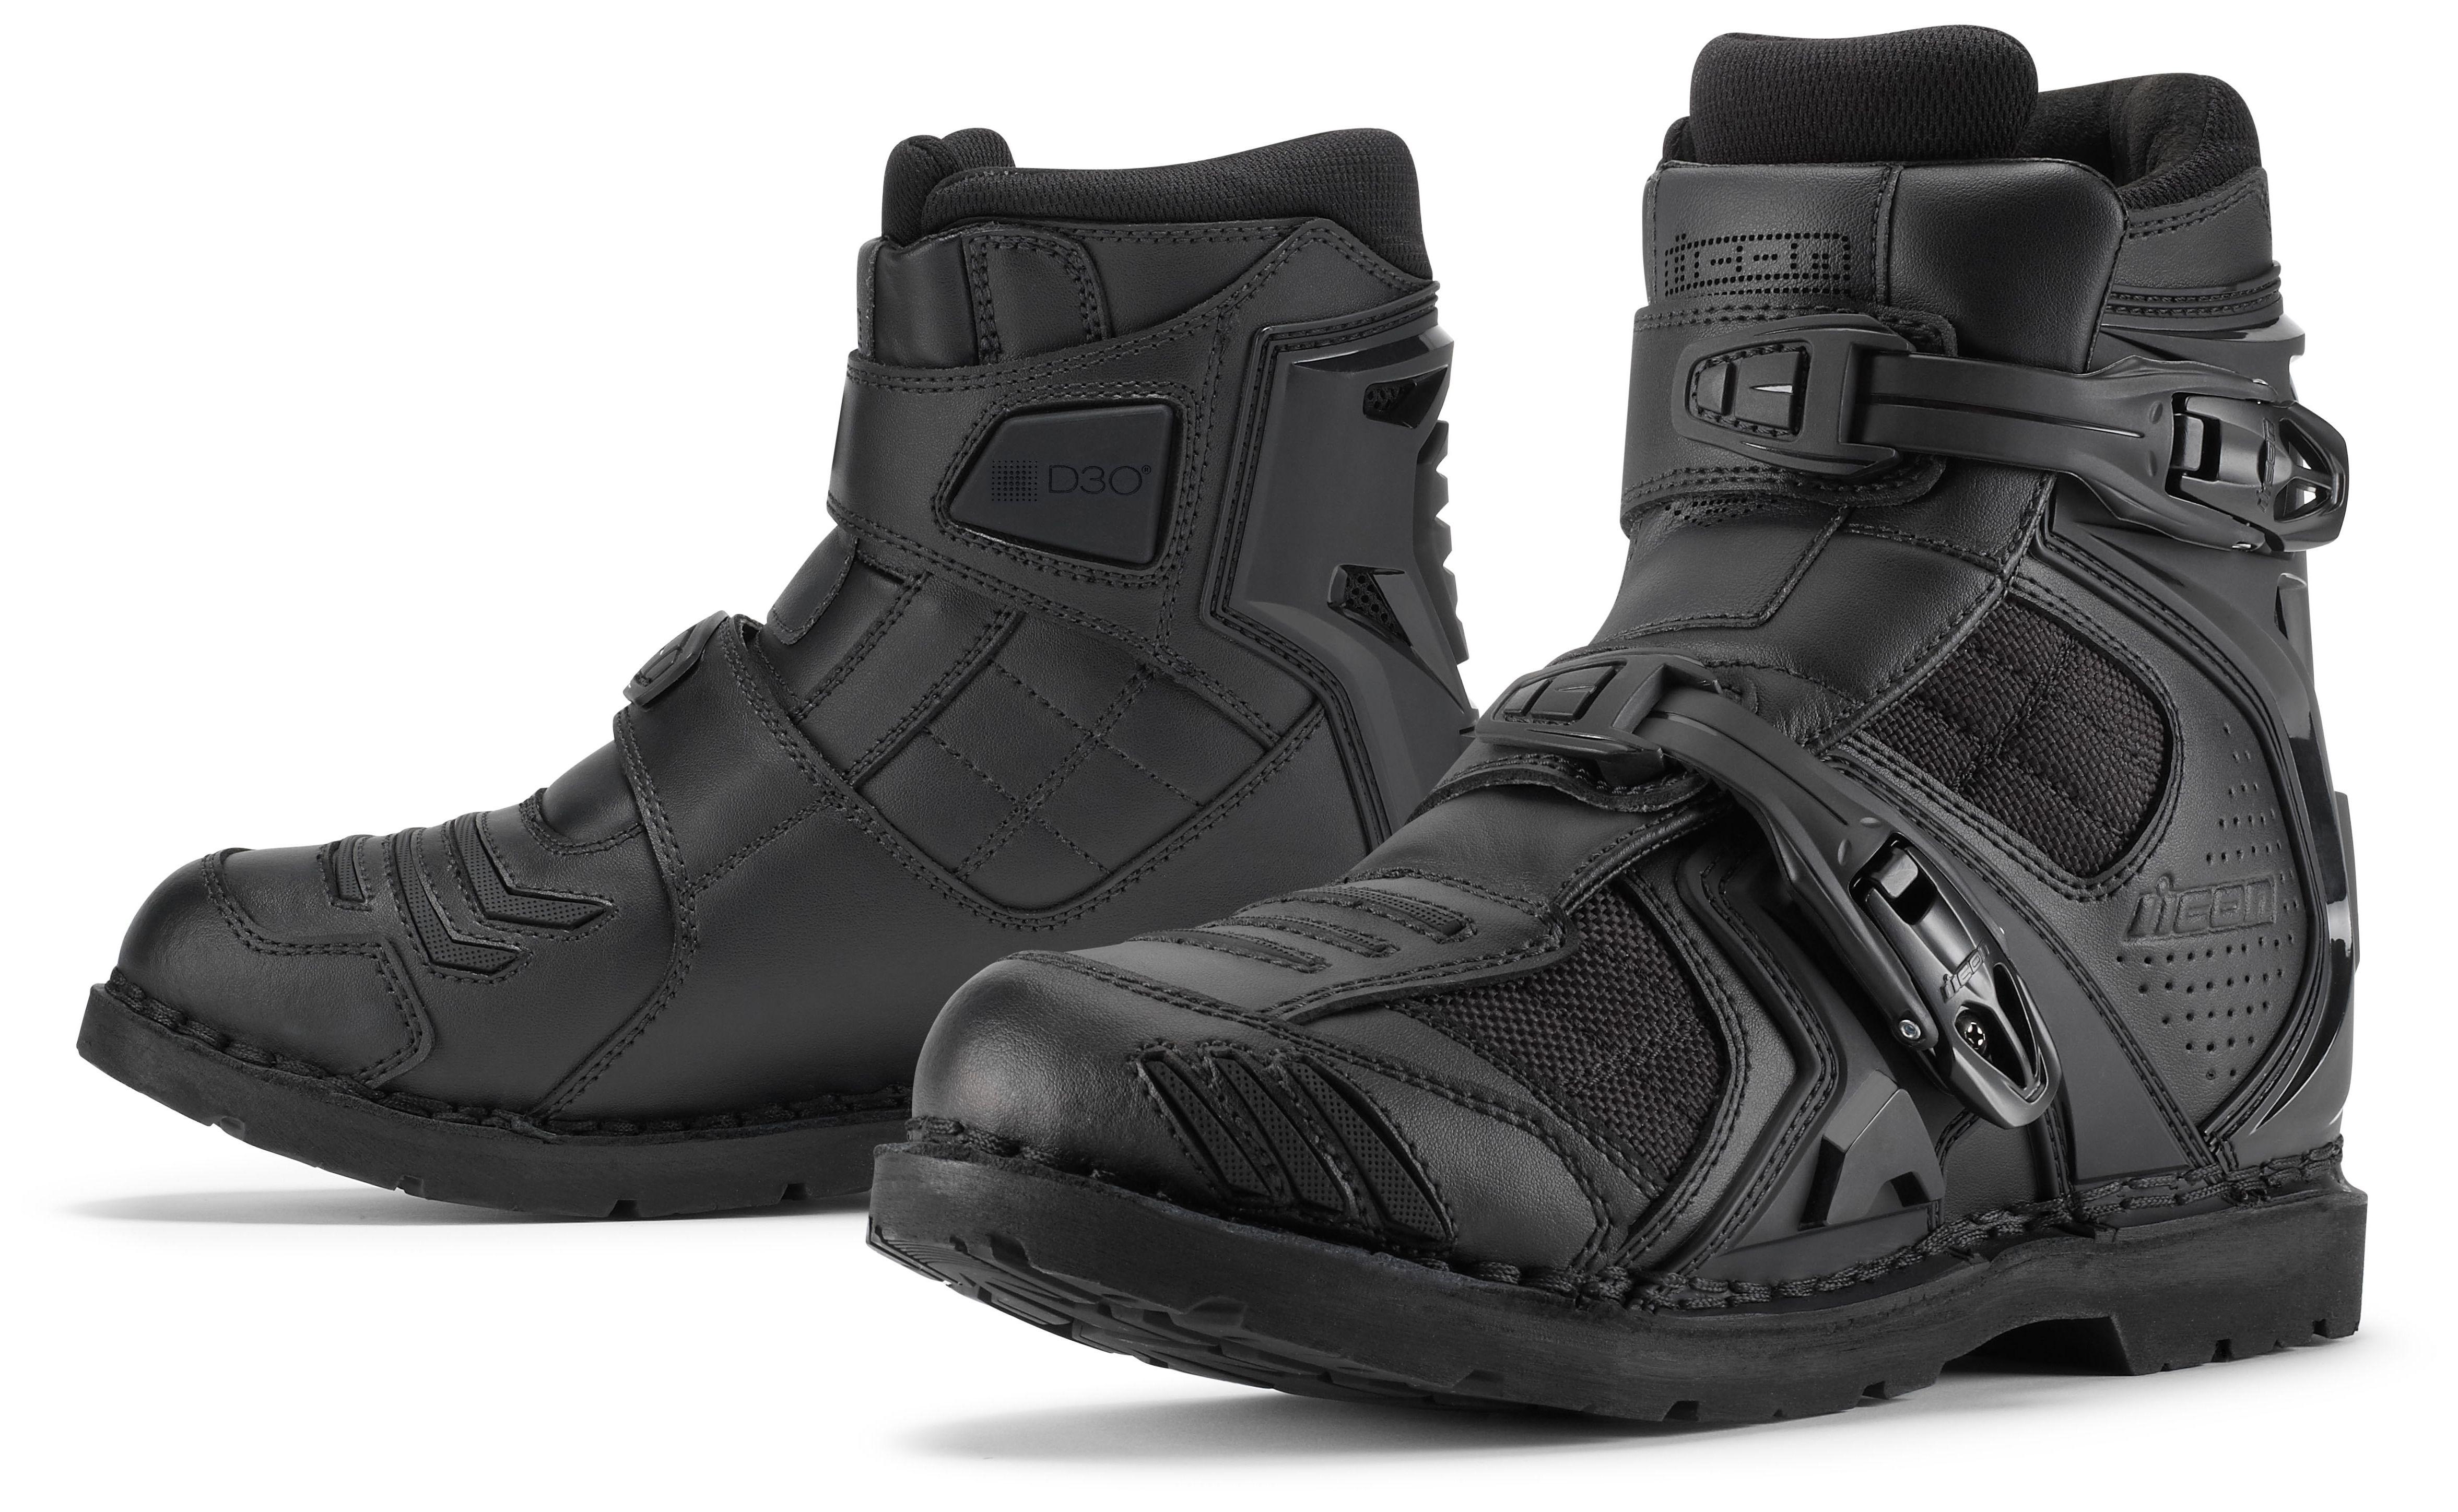 Icon Field Armor 2 Boots - RevZilla